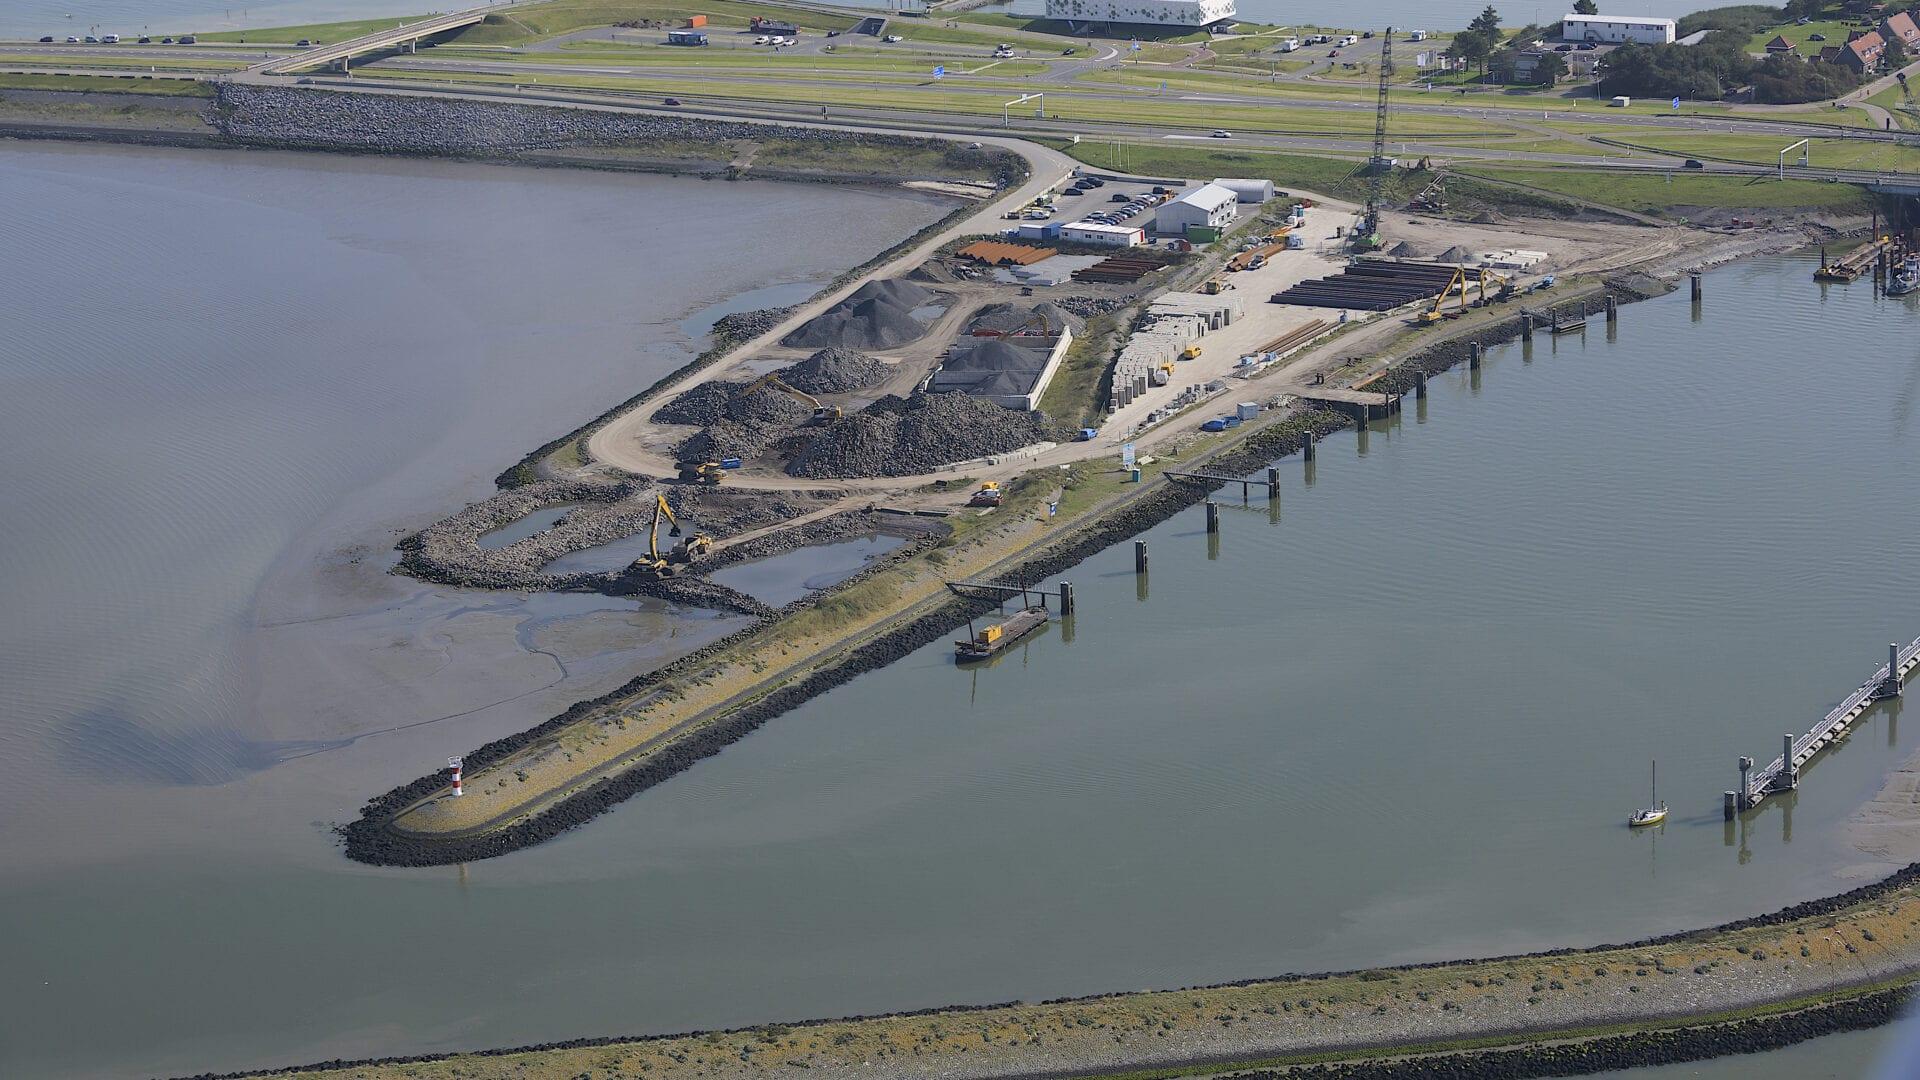 Dit is een luchtfoto van de Afsluitdijk. Je kijkt van boven op een werkterrein.